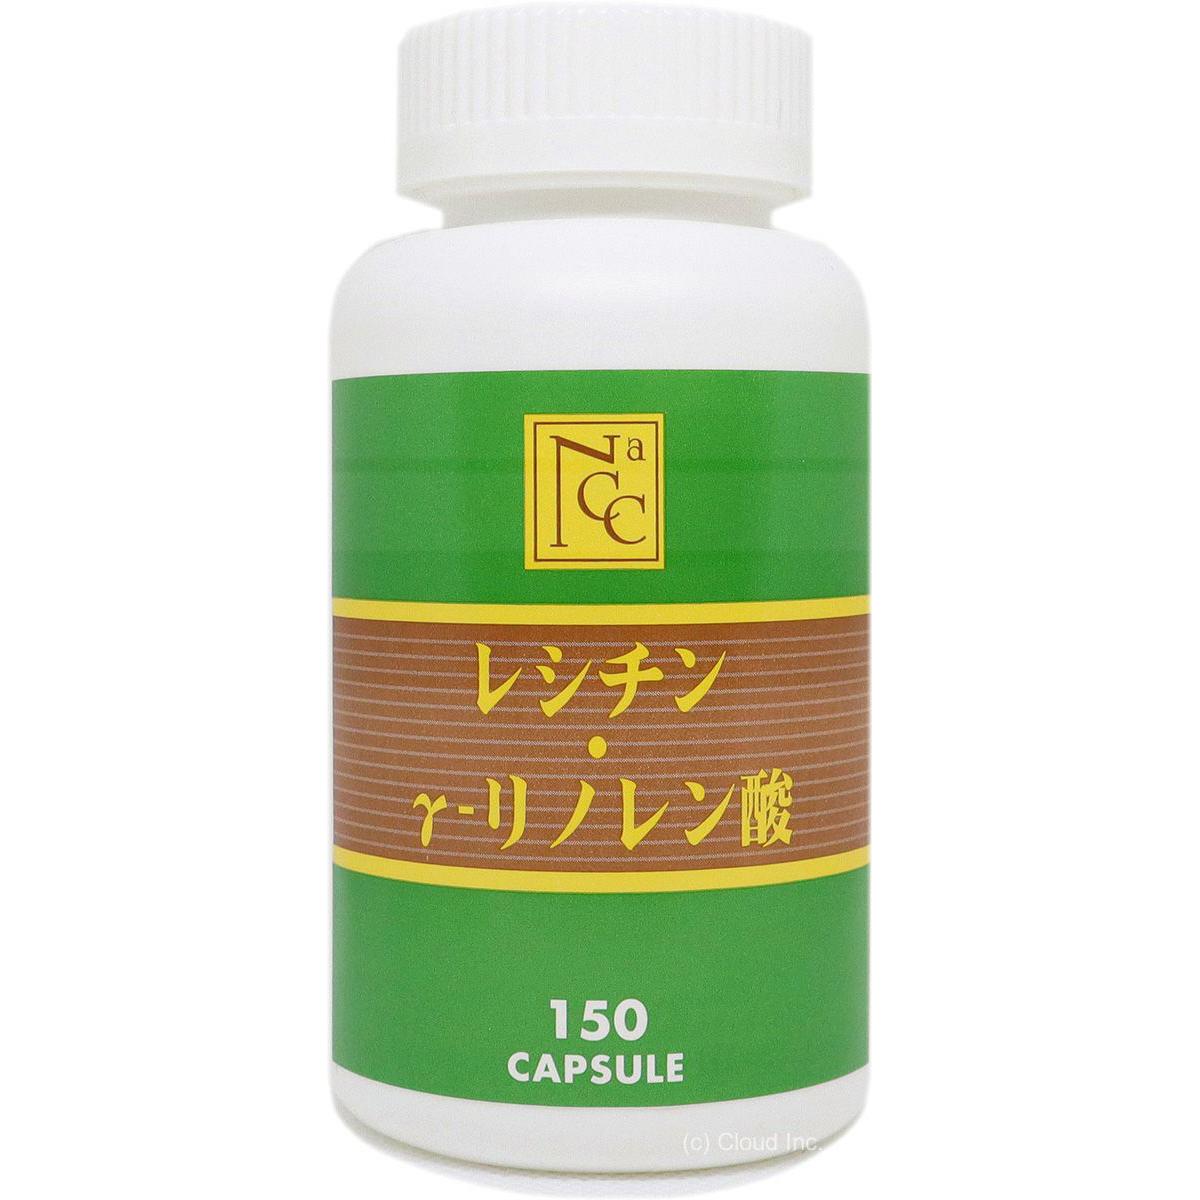 レシチン・γ-リノレン酸 α-リノレン酸 NACC エヌエーシー 送料無料 【 レシチン サプリメント 粒 カプセル ガンマリノレン酸 アルファリノレン酸 】